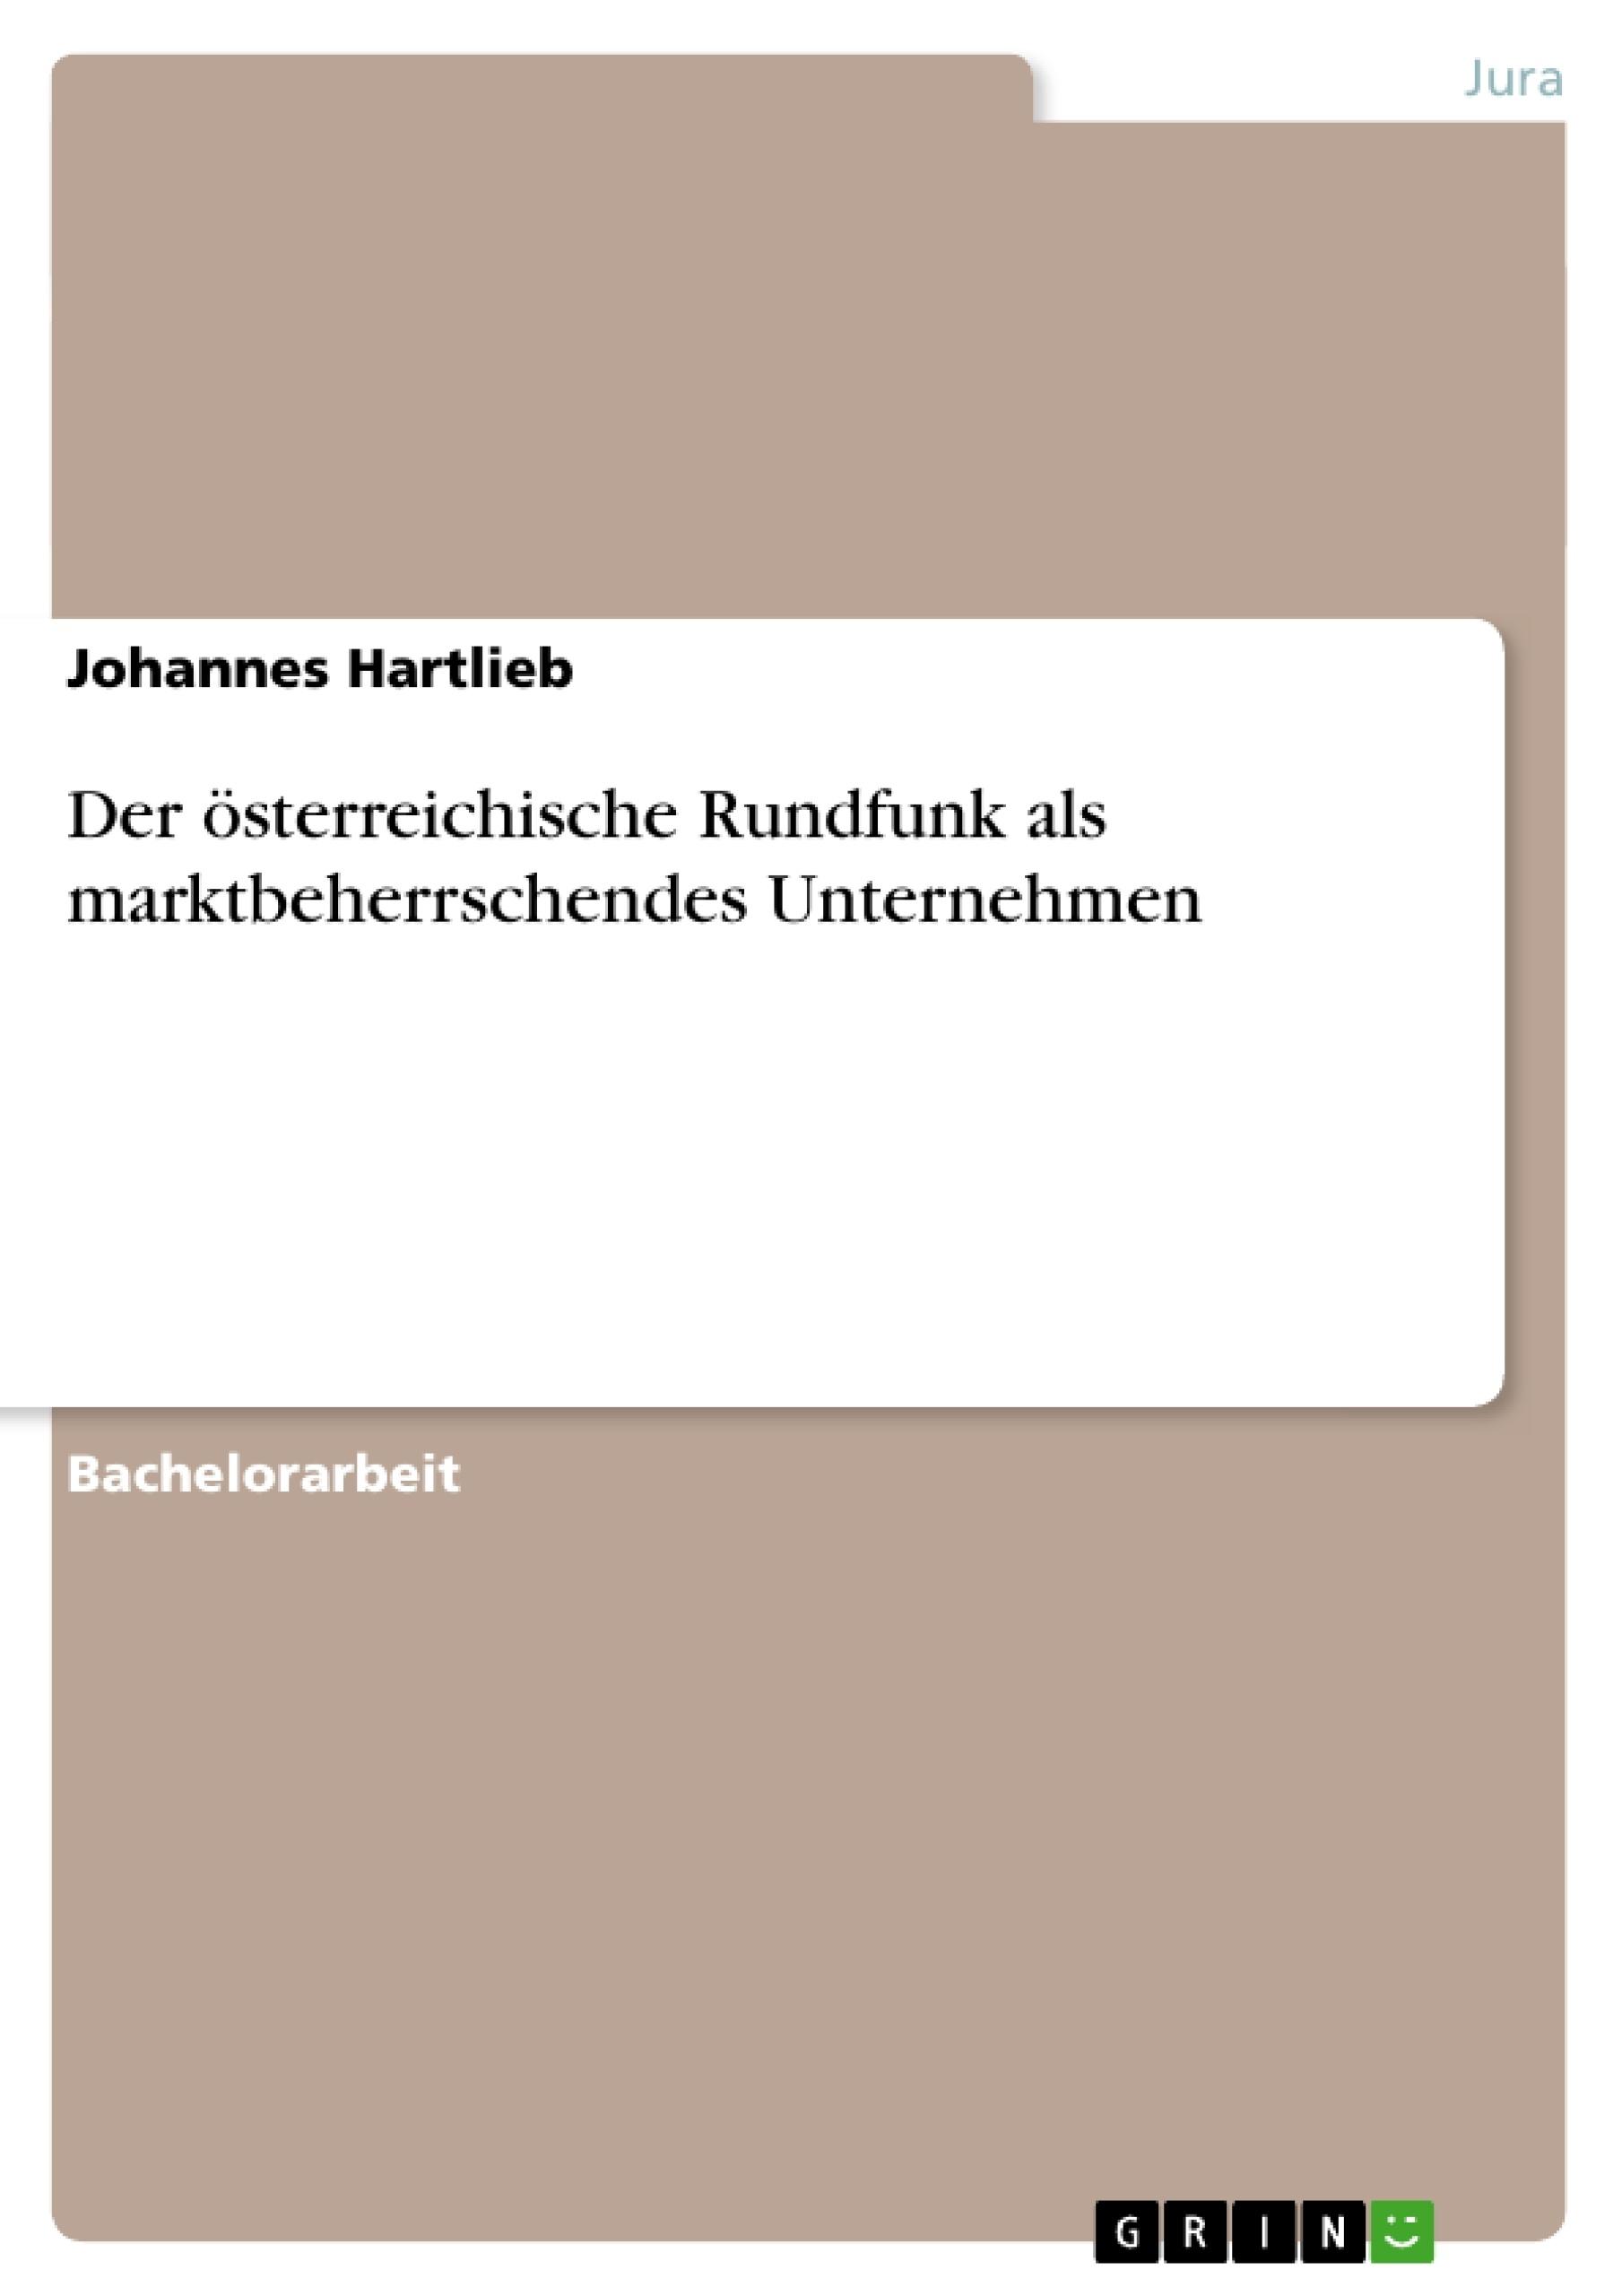 Titre: Der österreichische Rundfunk als marktbeherrschendes Unternehmen